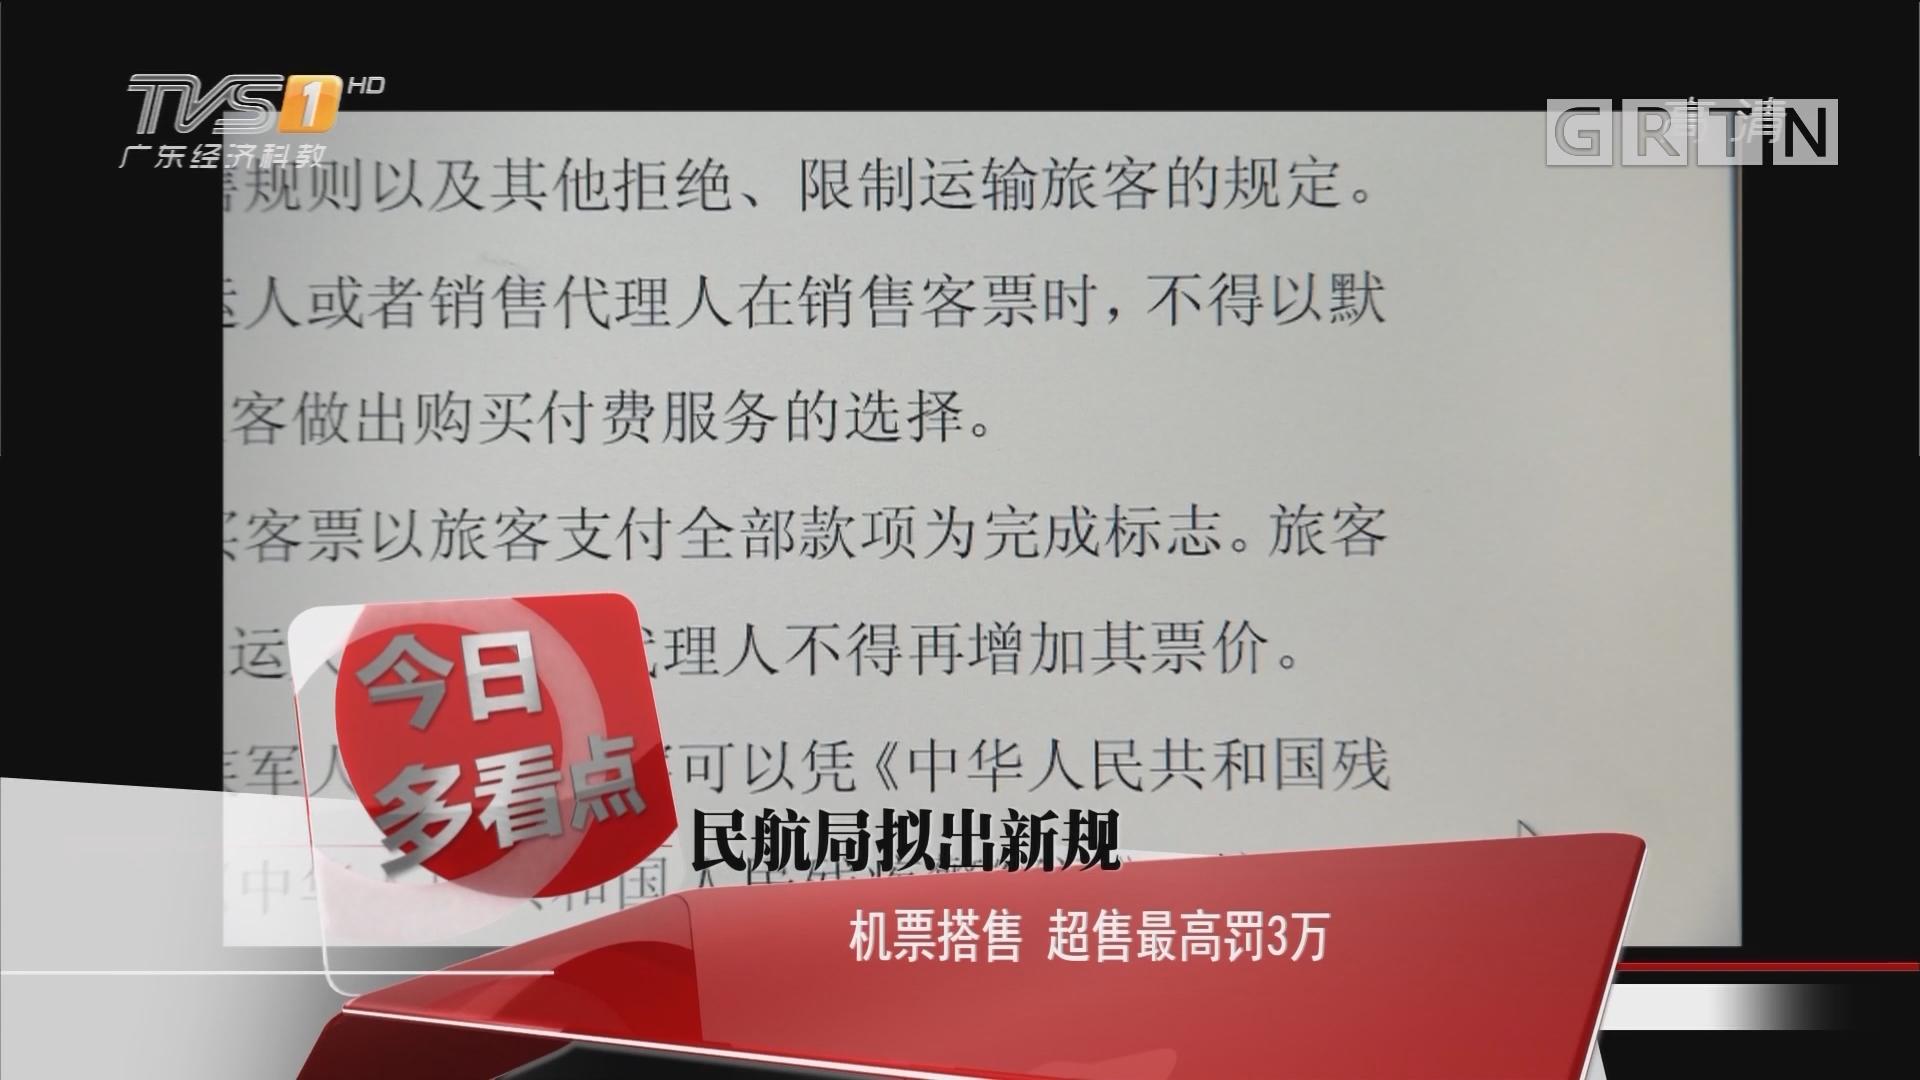 民航局拟出新规:机票搭售 超售最高罚3万